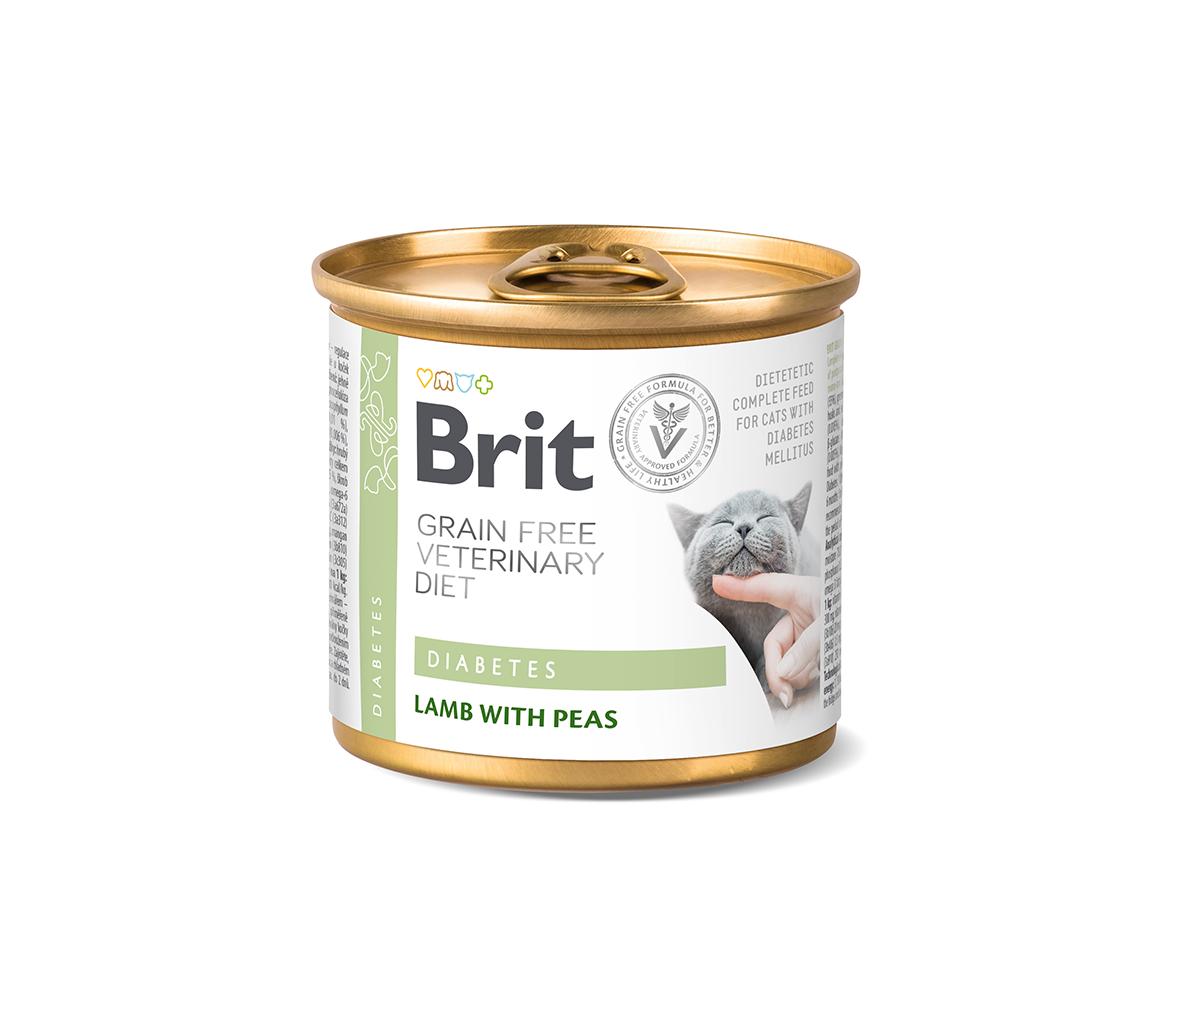 Brit GF Veterinary Diets kons. katėms Diabetes 200g